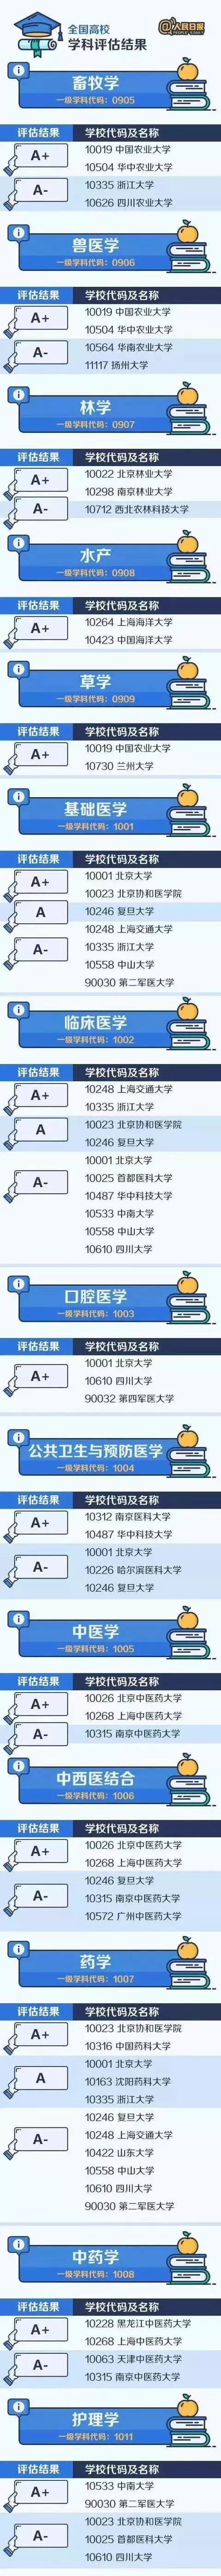 77dca1c6d9cf43f5a223575af994cf0e.jpeg